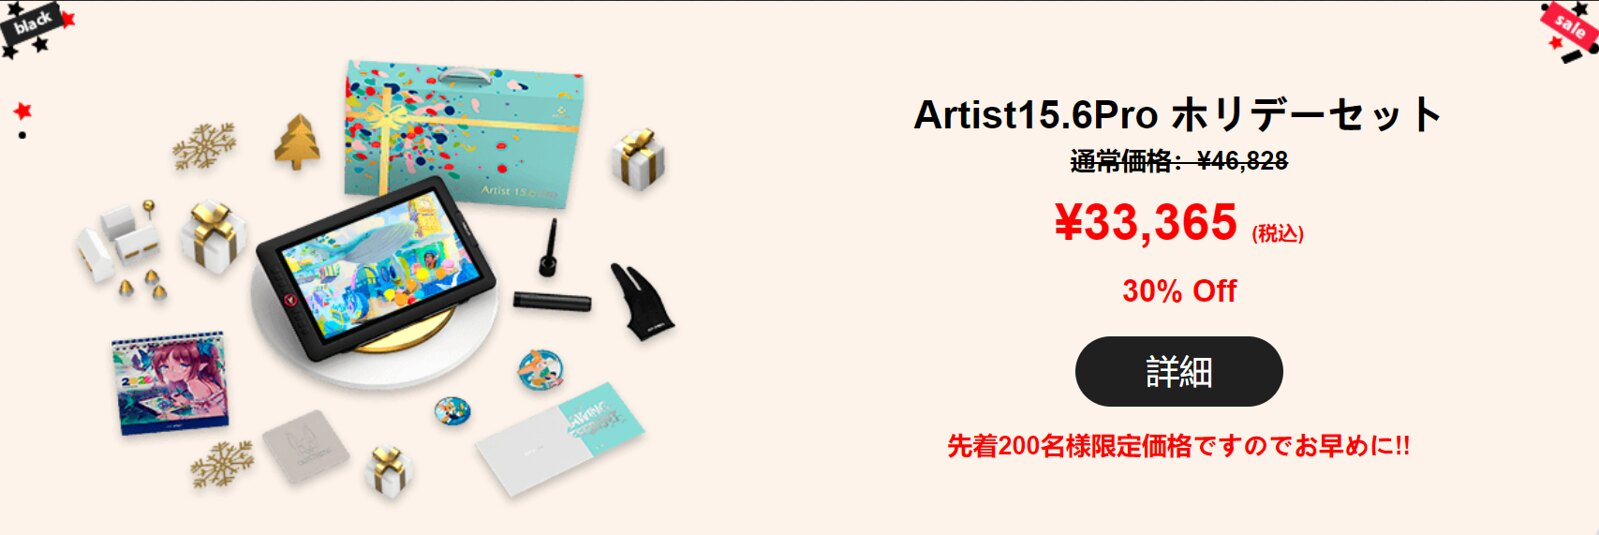 液晶タブ Artist 15.6 Pro